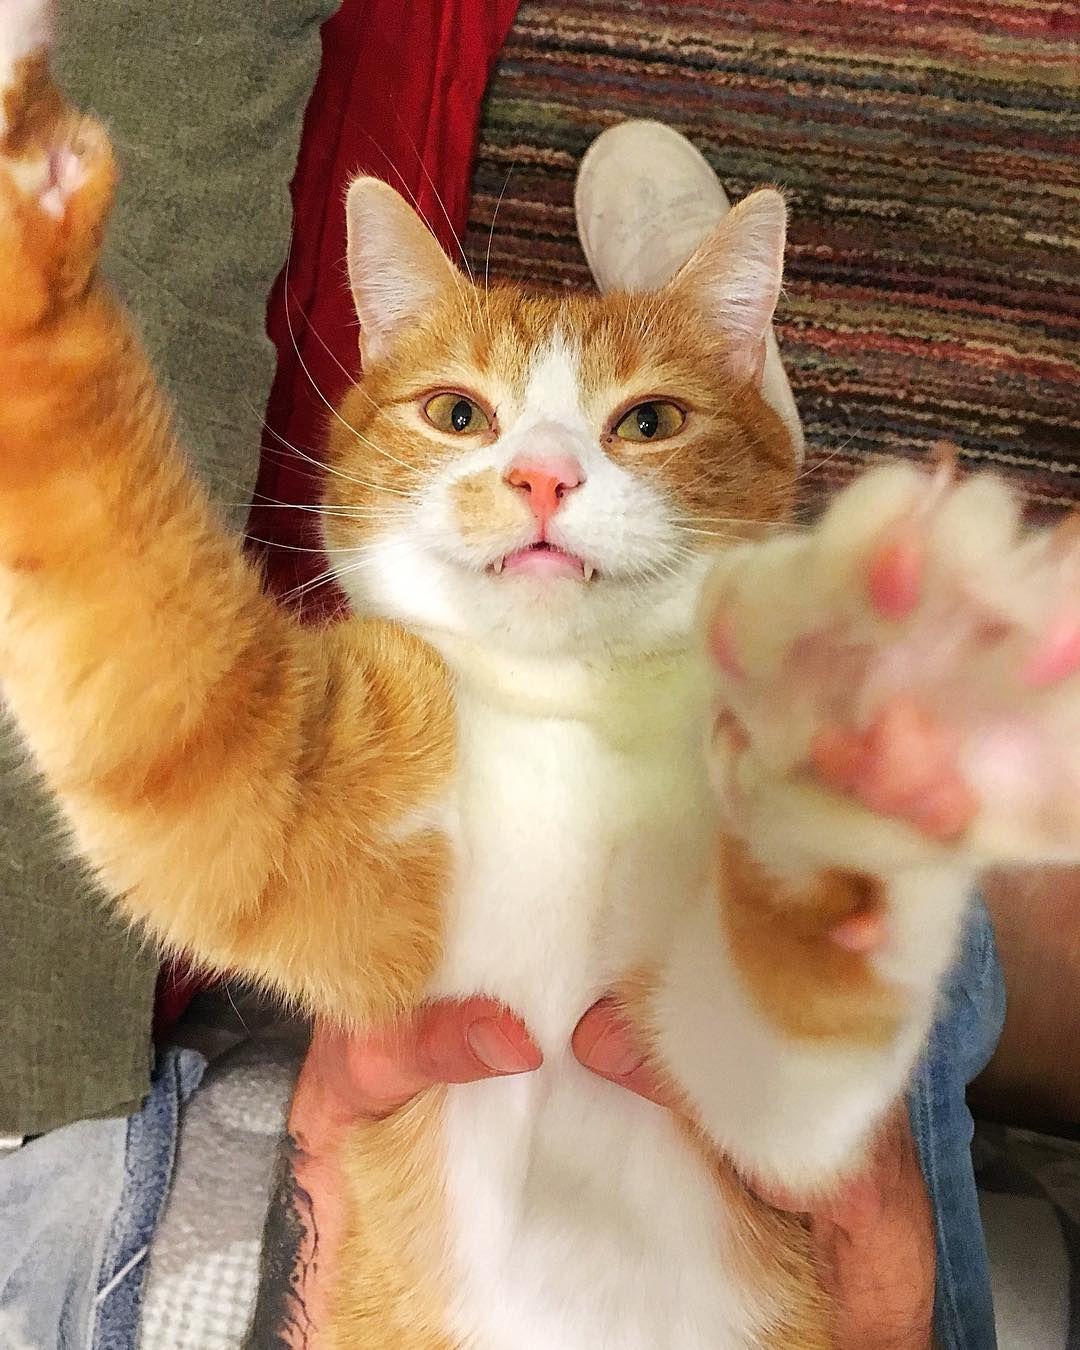 Kitty Cat Cats Kittens Kitten Cutecat Whitecat Funnycat